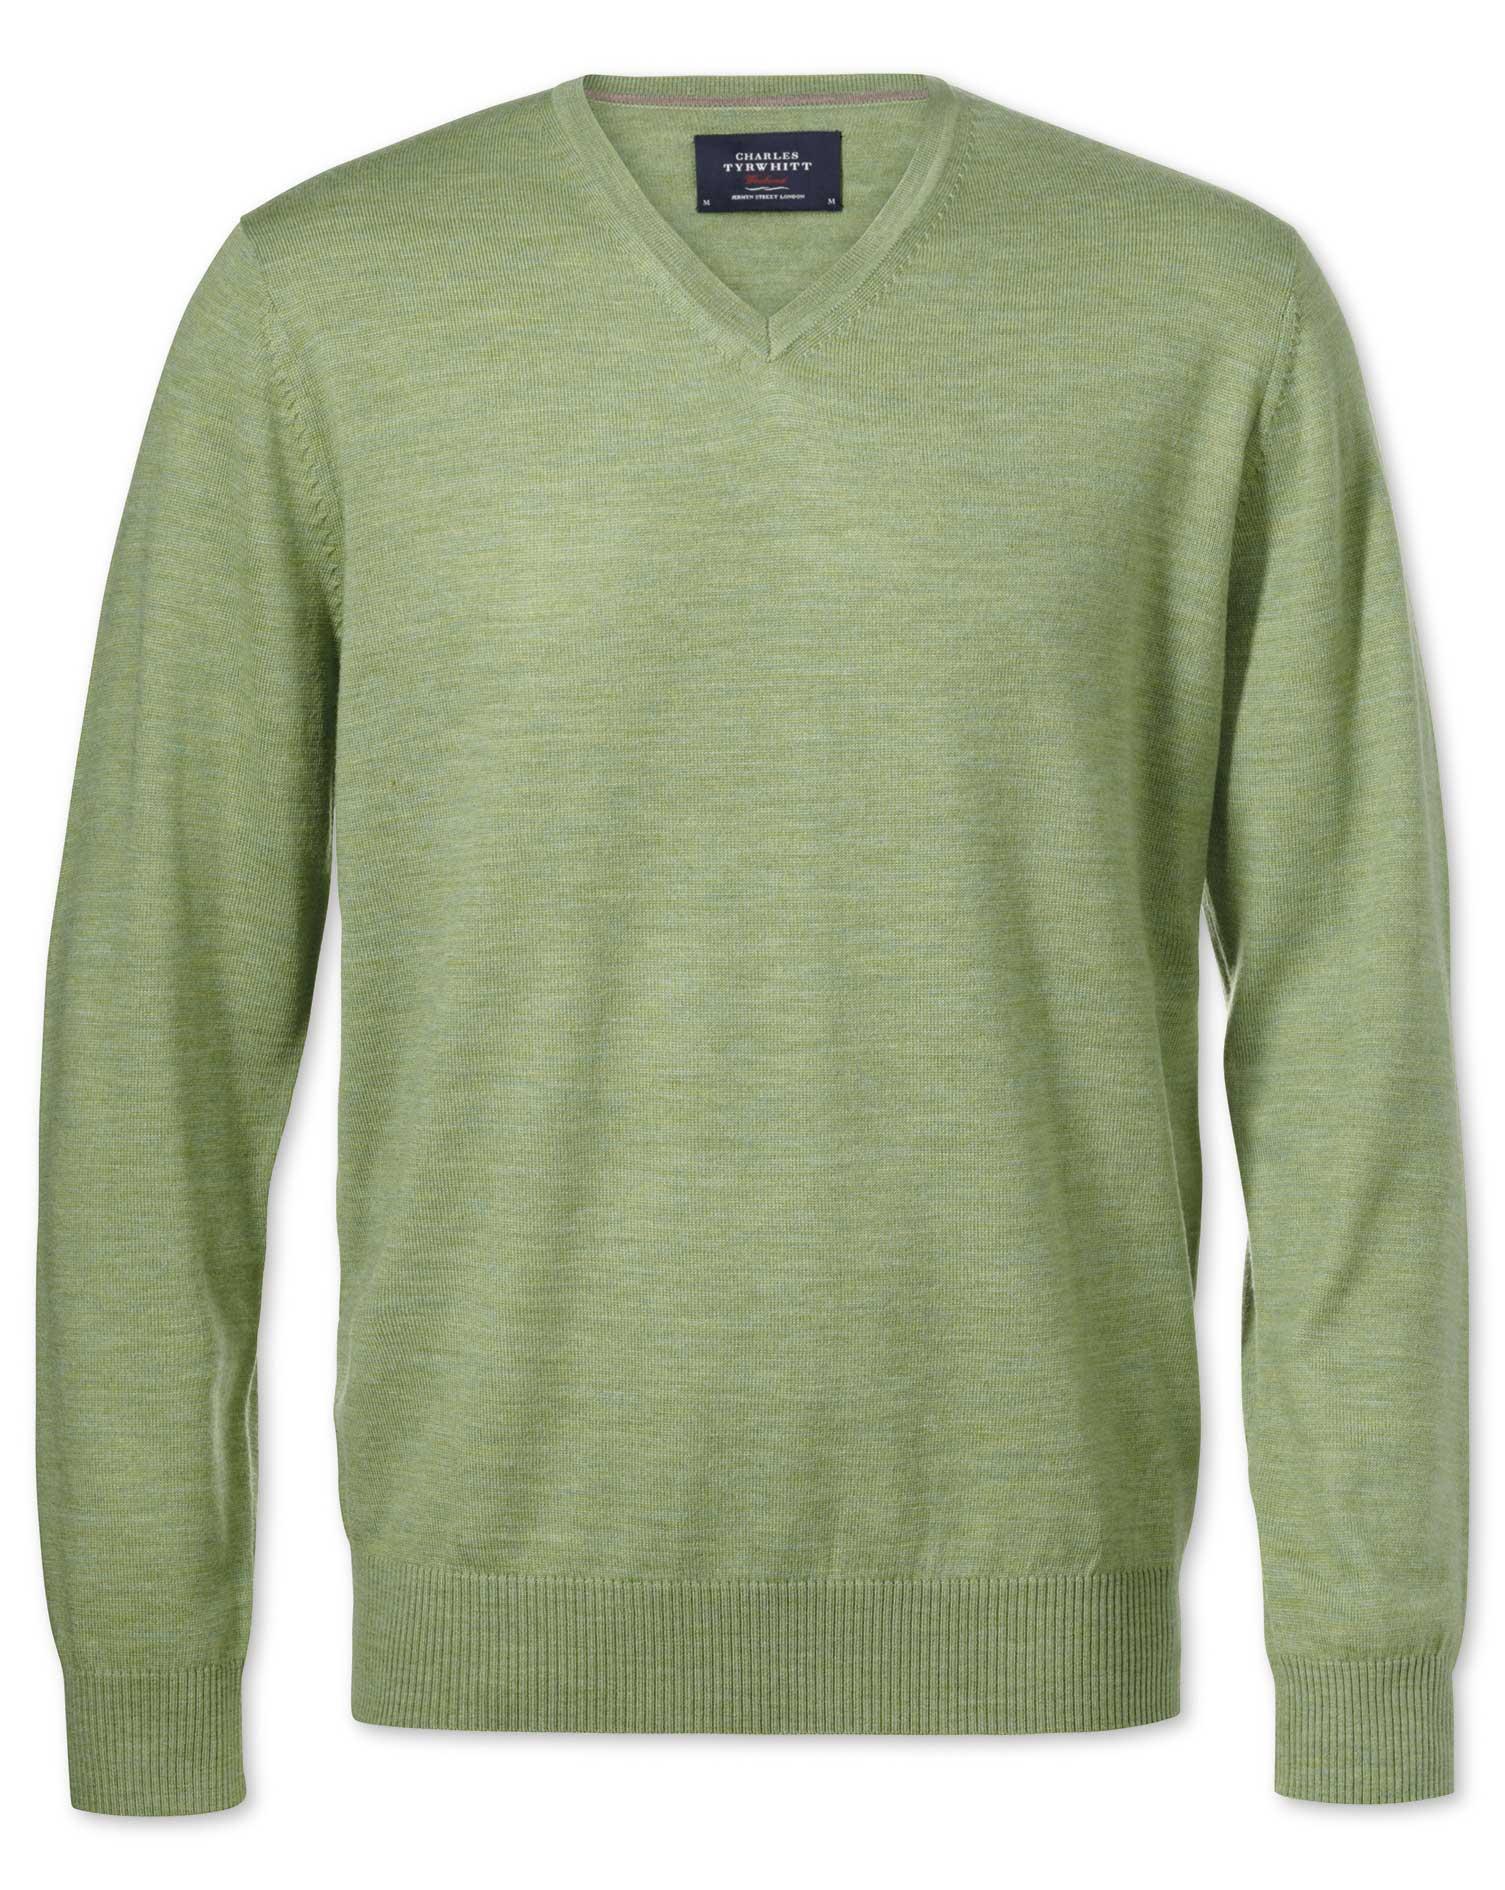 Light Green Merino Wool V-Neck Jumper Size XL by Charles Tyrwhitt